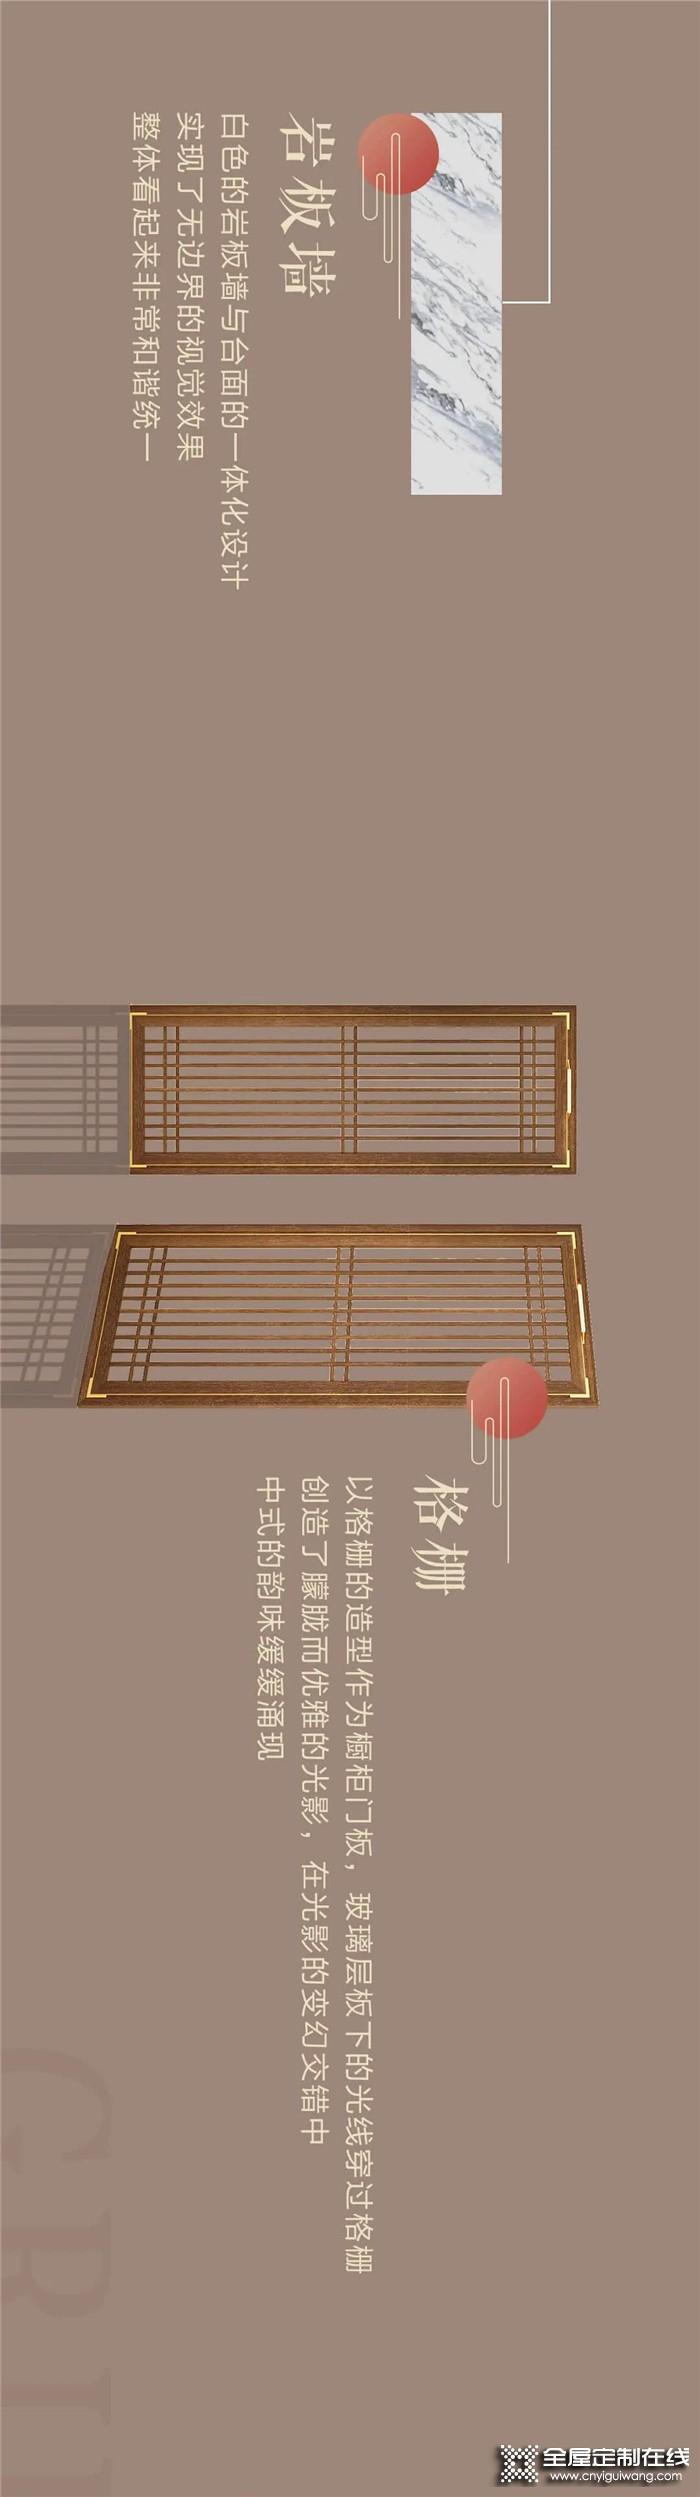 欧派2020新品大赏,棠馥:新中式演绎现代东方美学